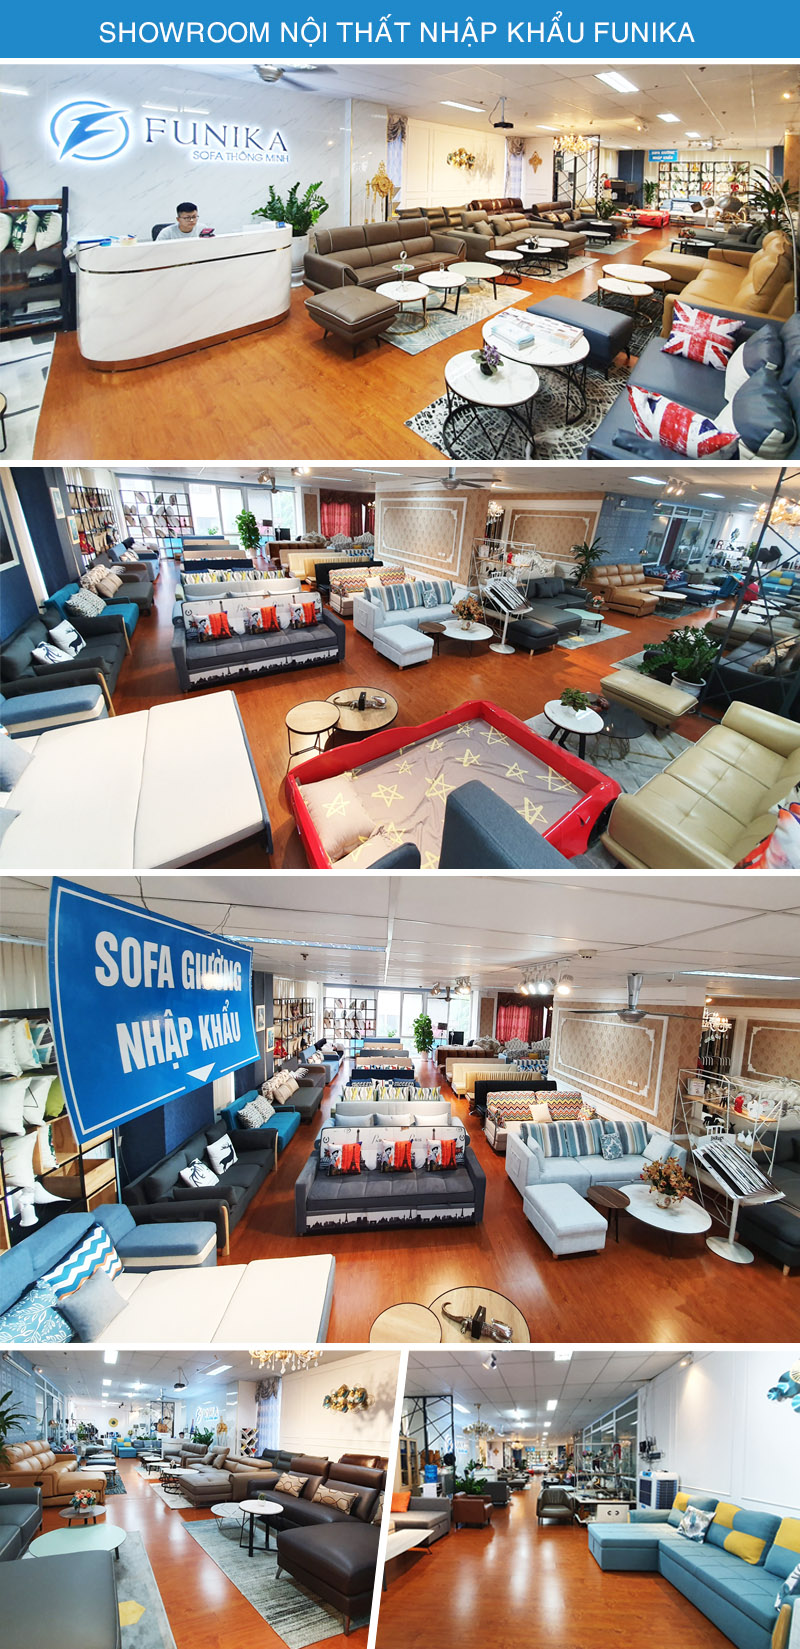 Hình ảnh showroom Funika với hơn 100 mẫu sofa giường